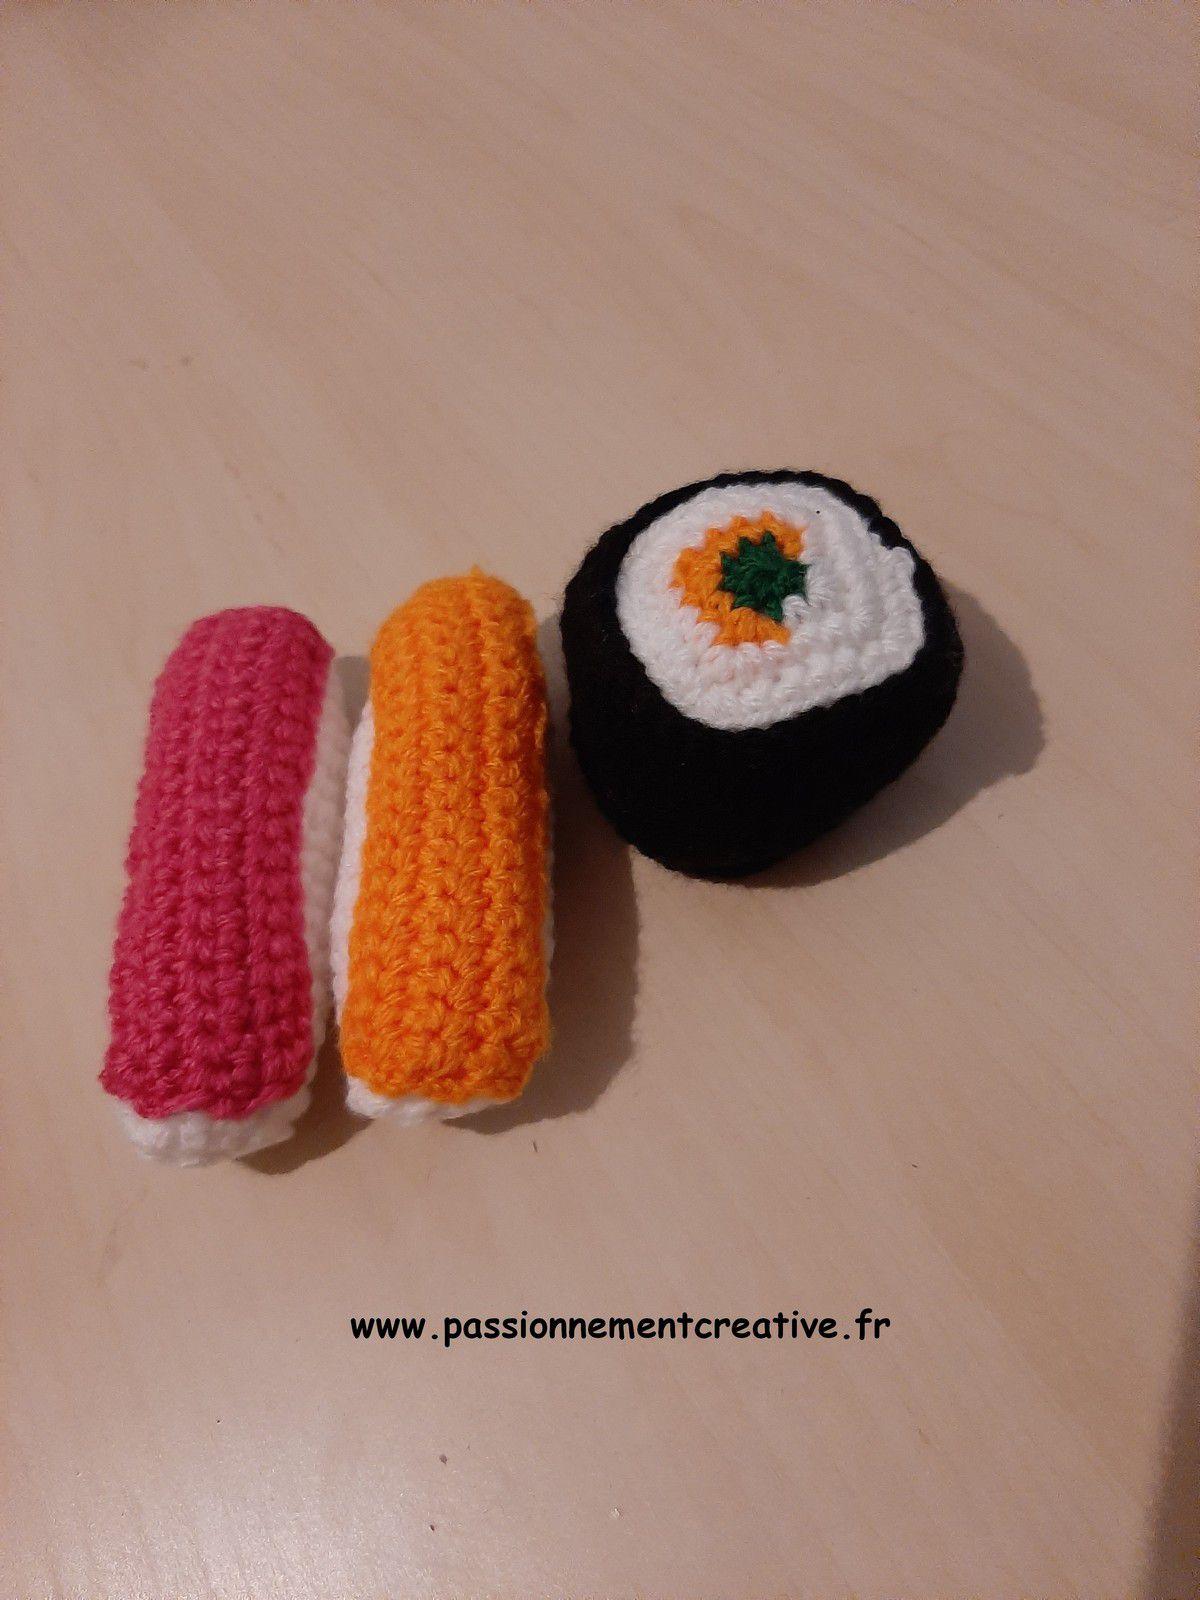 Dinette au crochet : les sushis